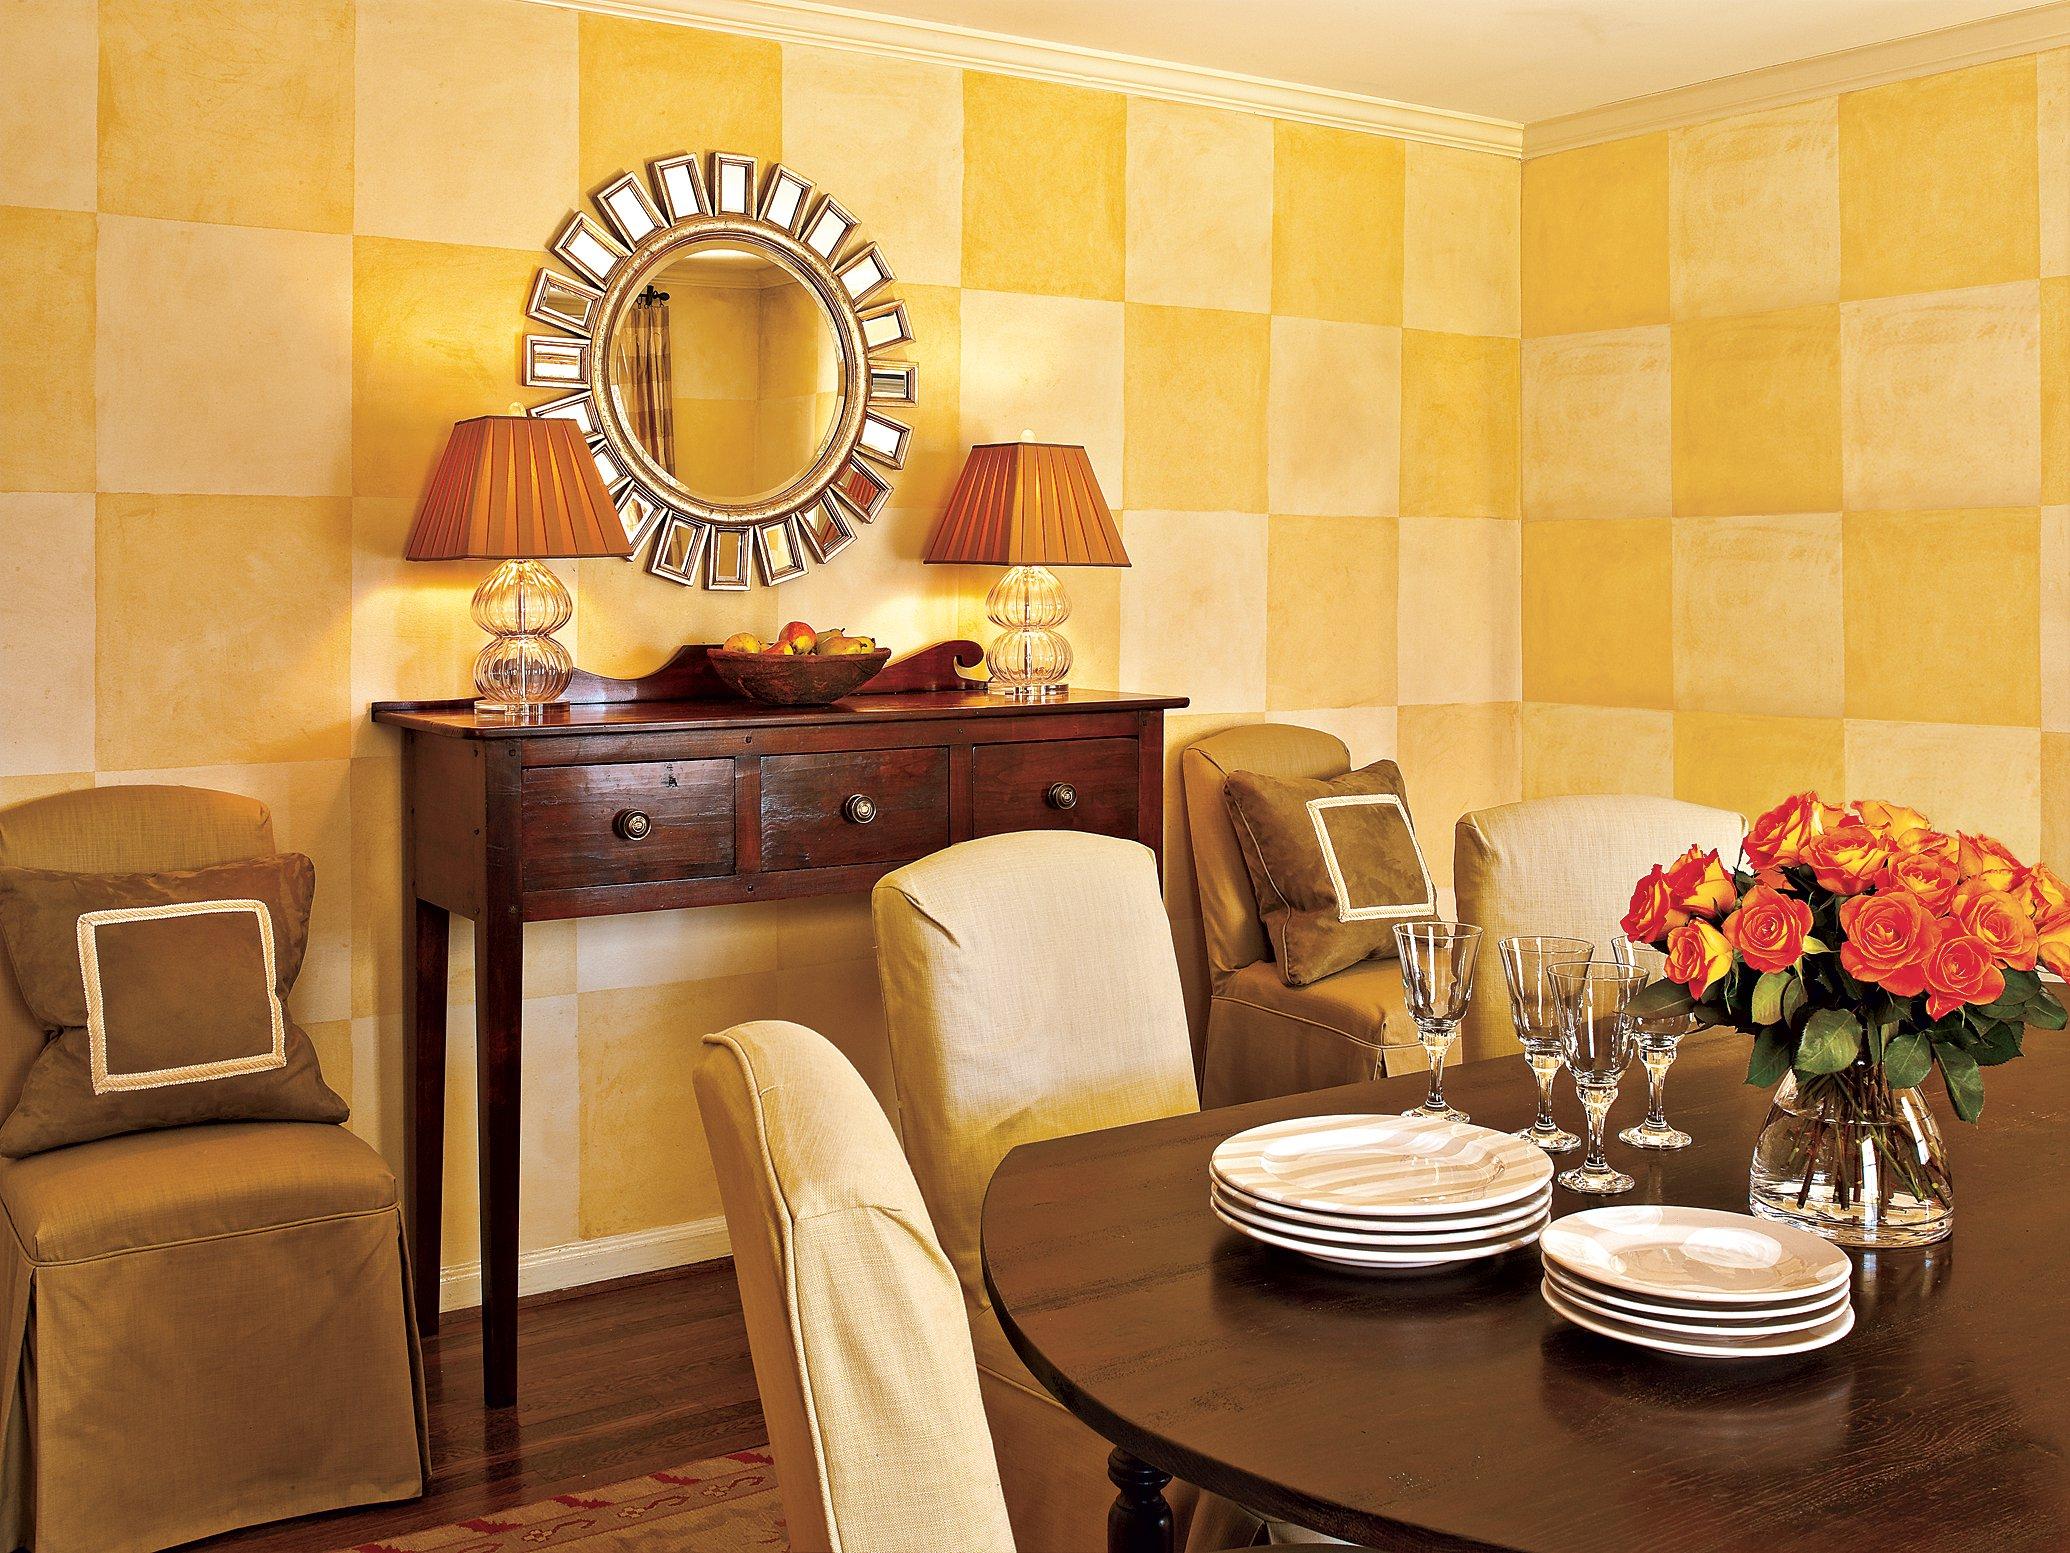 Интерьер комнаты картинки нарисованные. Рисунки на стенах ...  Простой Интерьер Рисунок